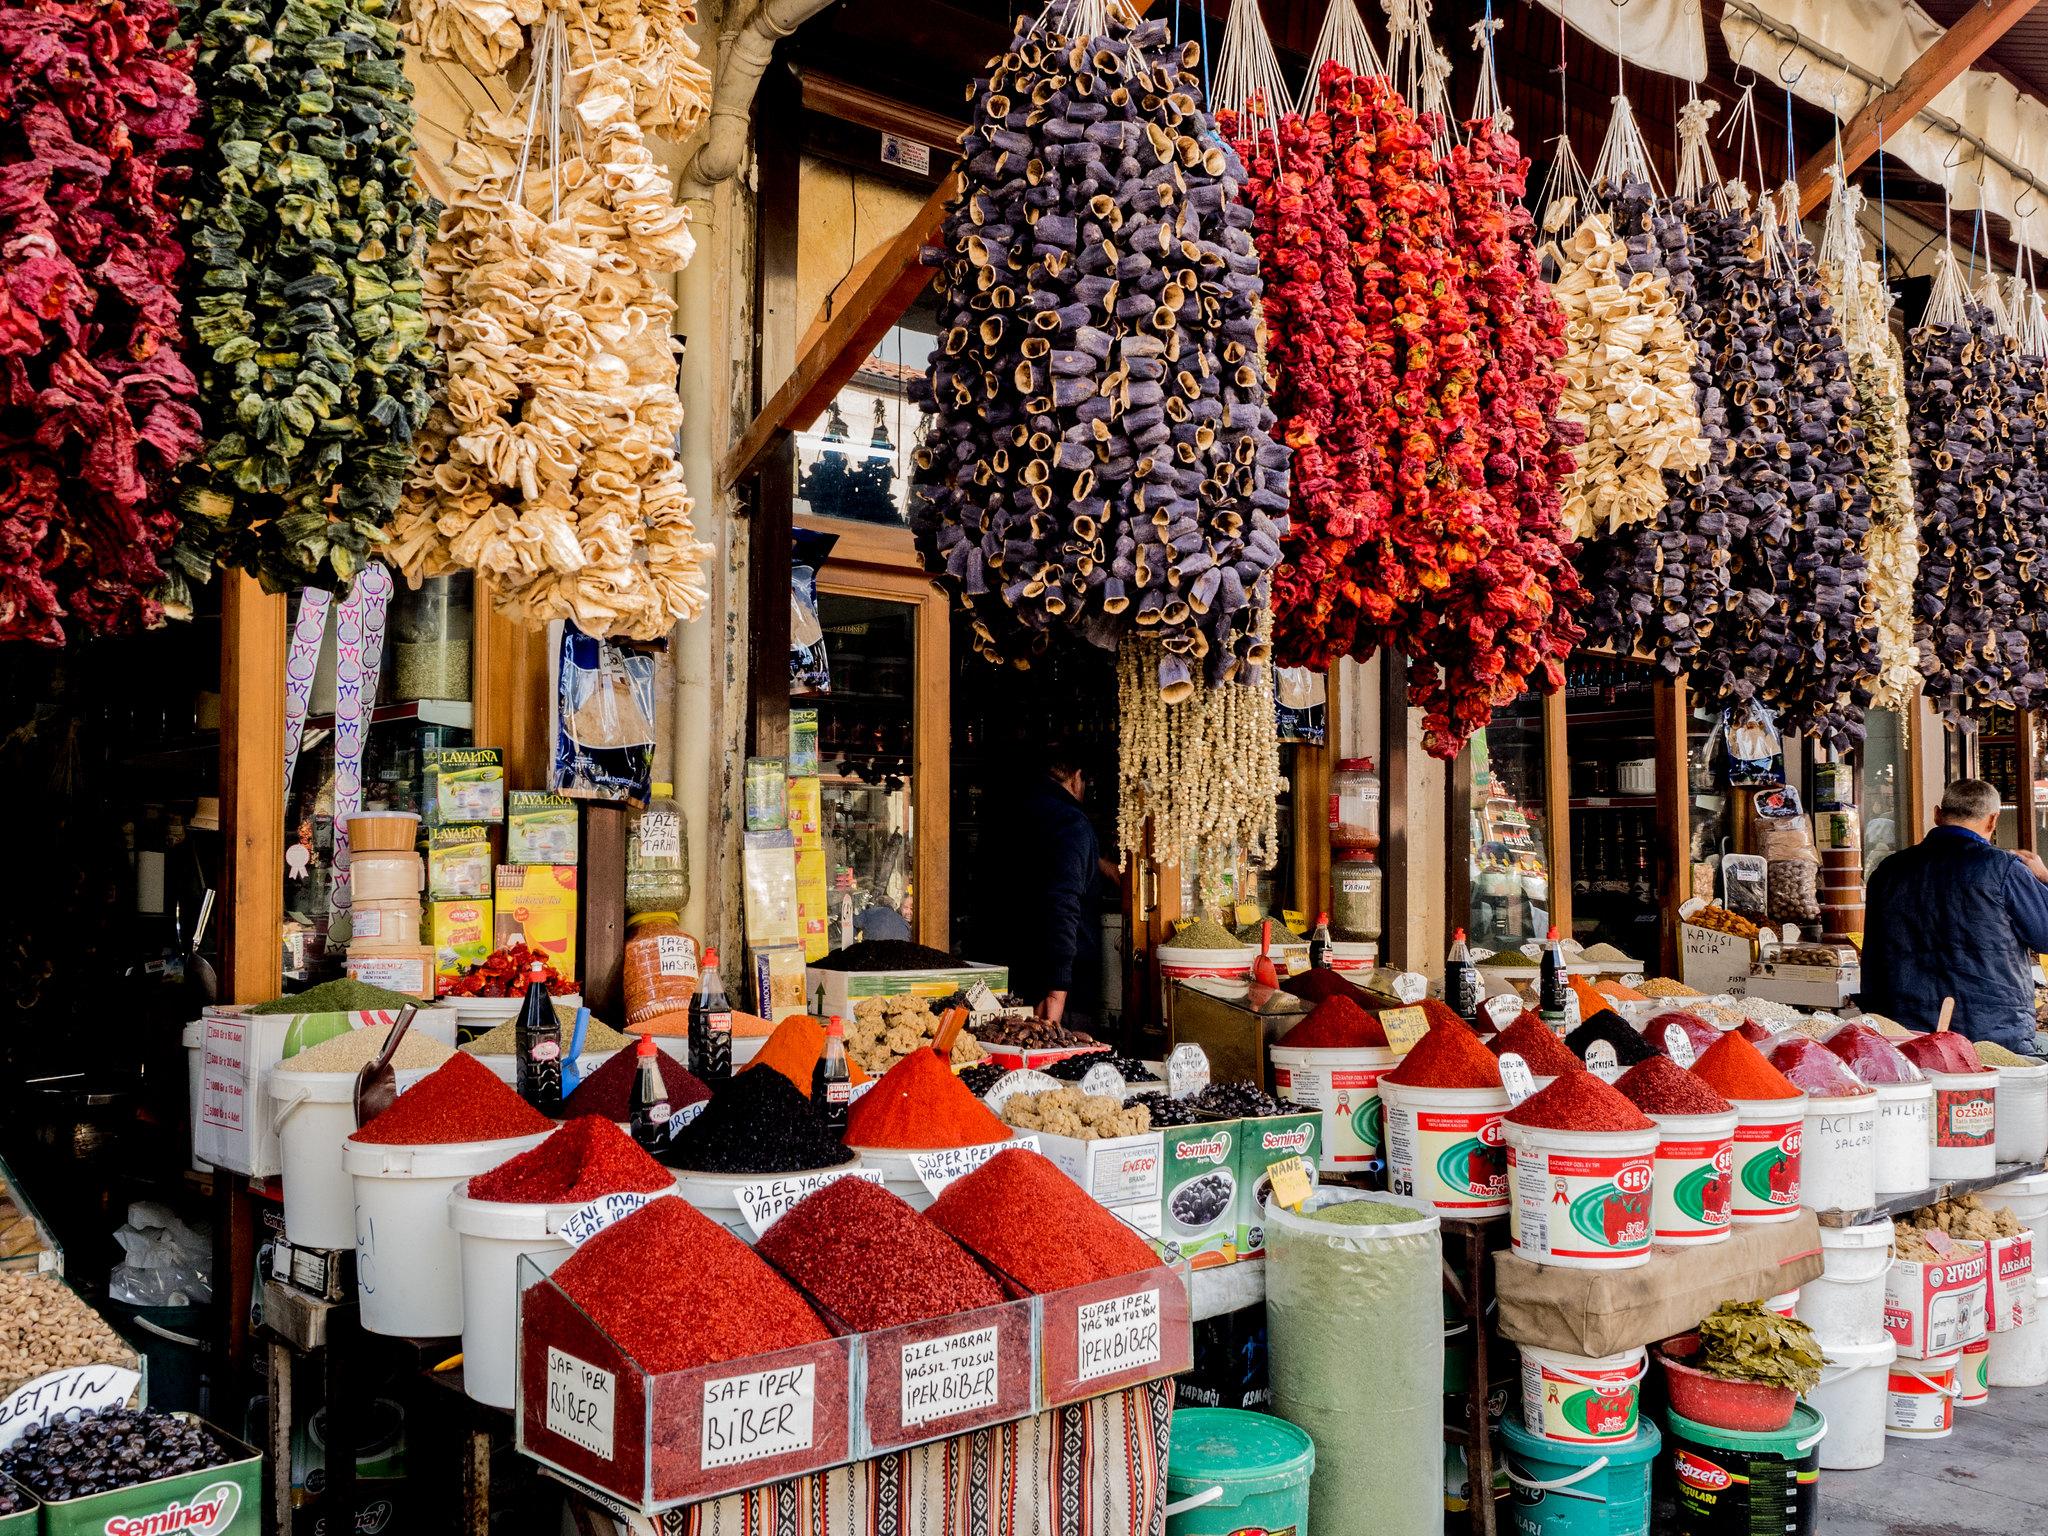 Spice bazaar image, spice bazaar photo, spice bazaar picture